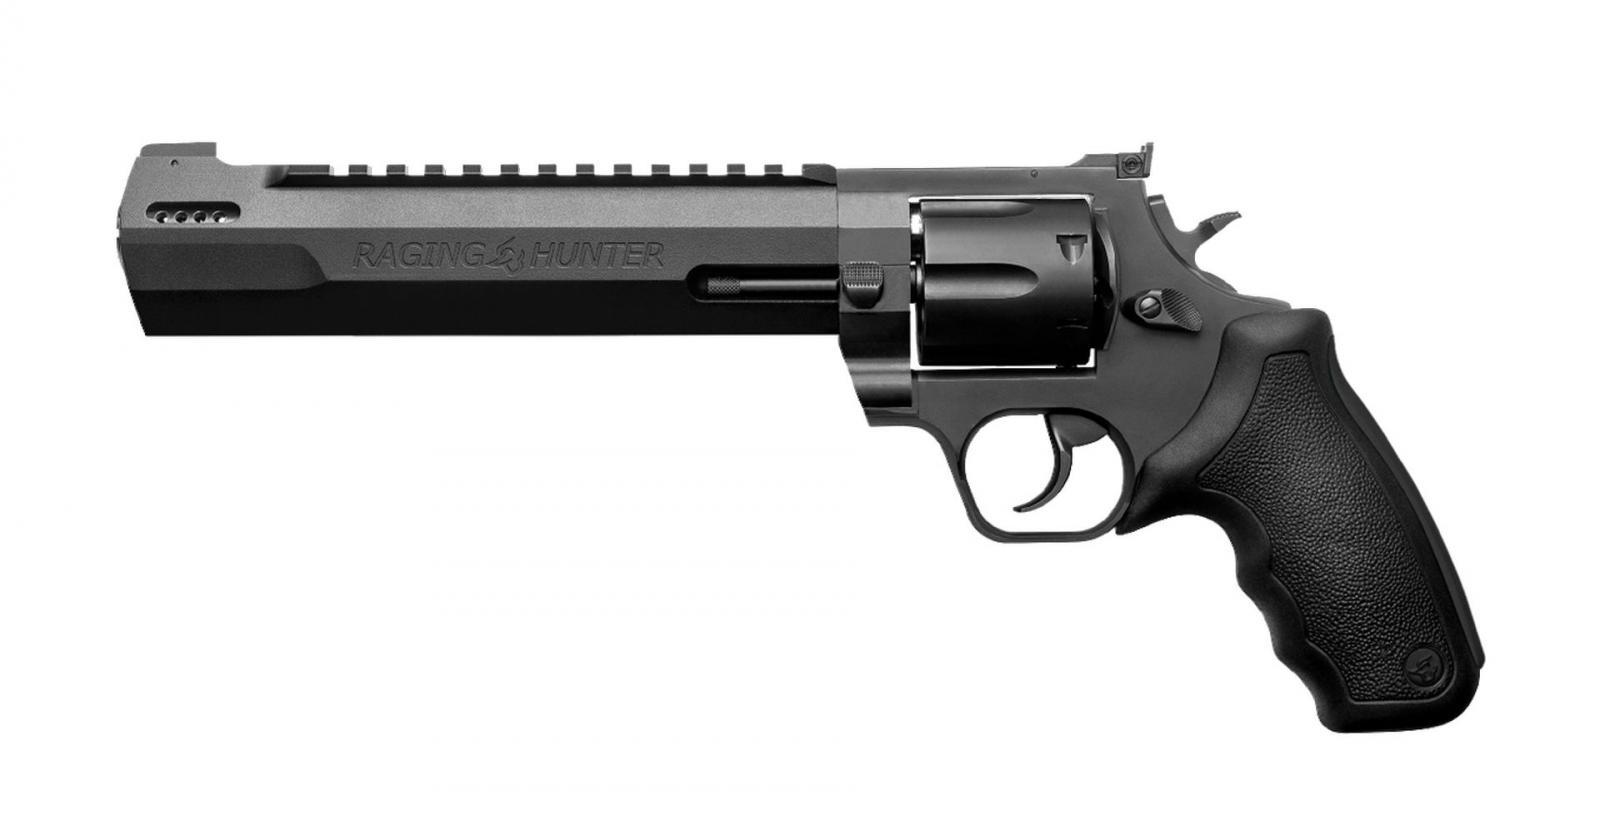 """Revolver TAURUS 44 H RACING HUNTER BLACK MAT 6""""3/4 Cal 44Mag"""